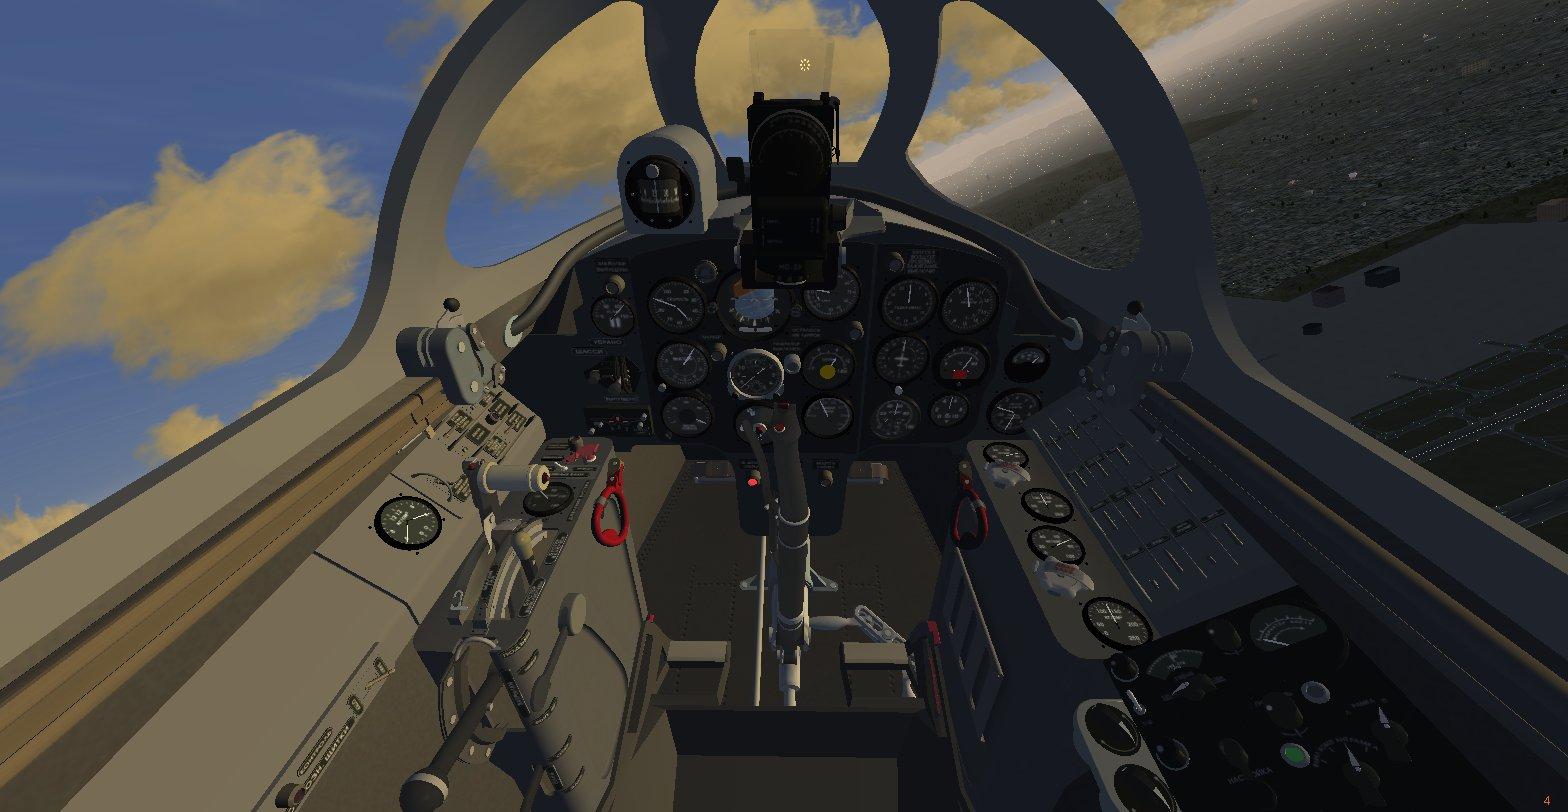 МиГ-15, вид кабины